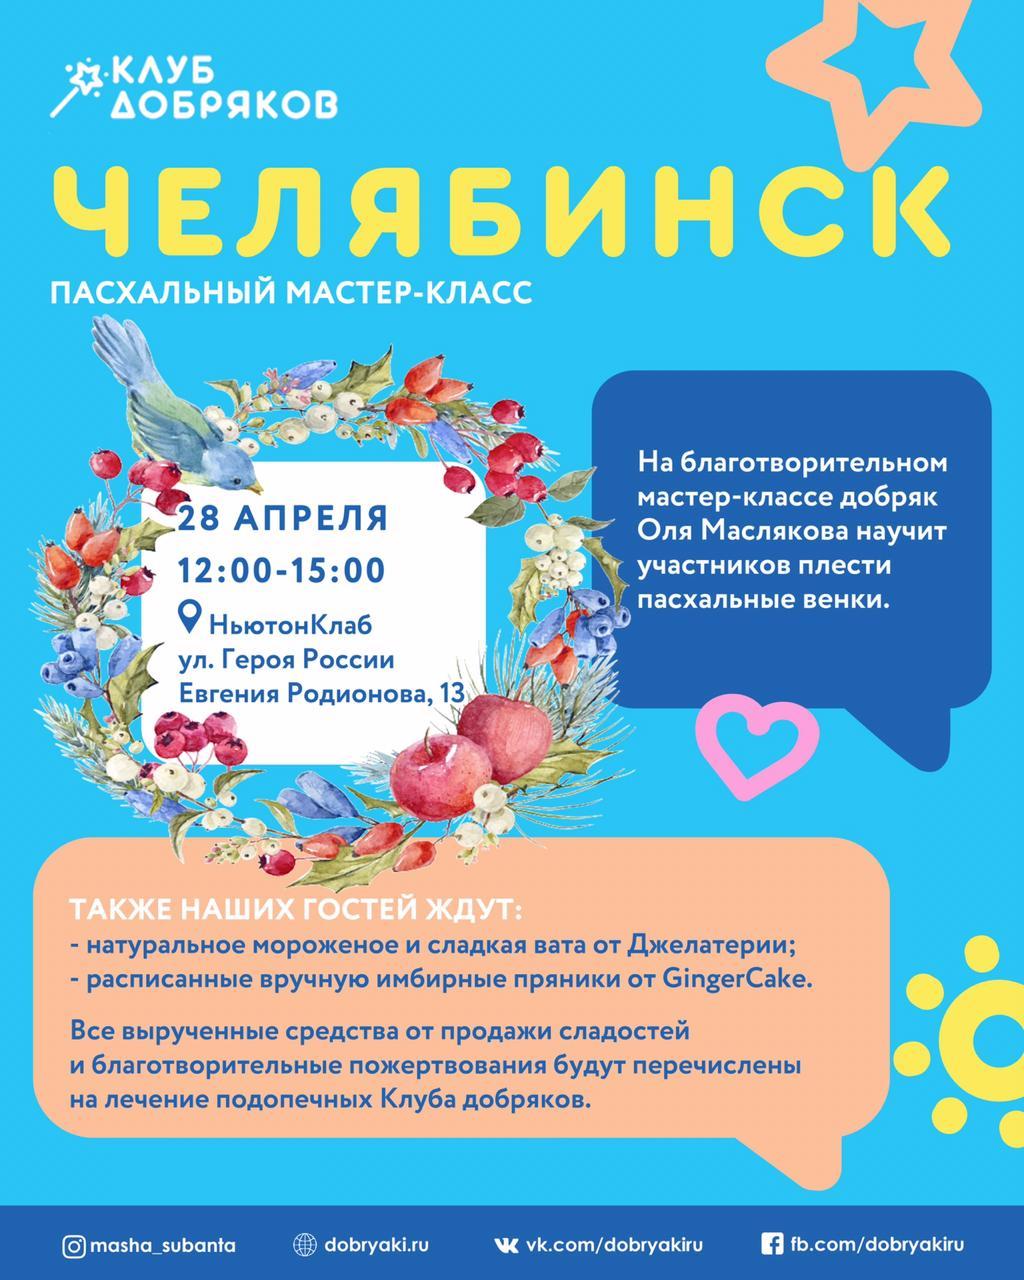 Пасхальный мастер-класс в Челябинске